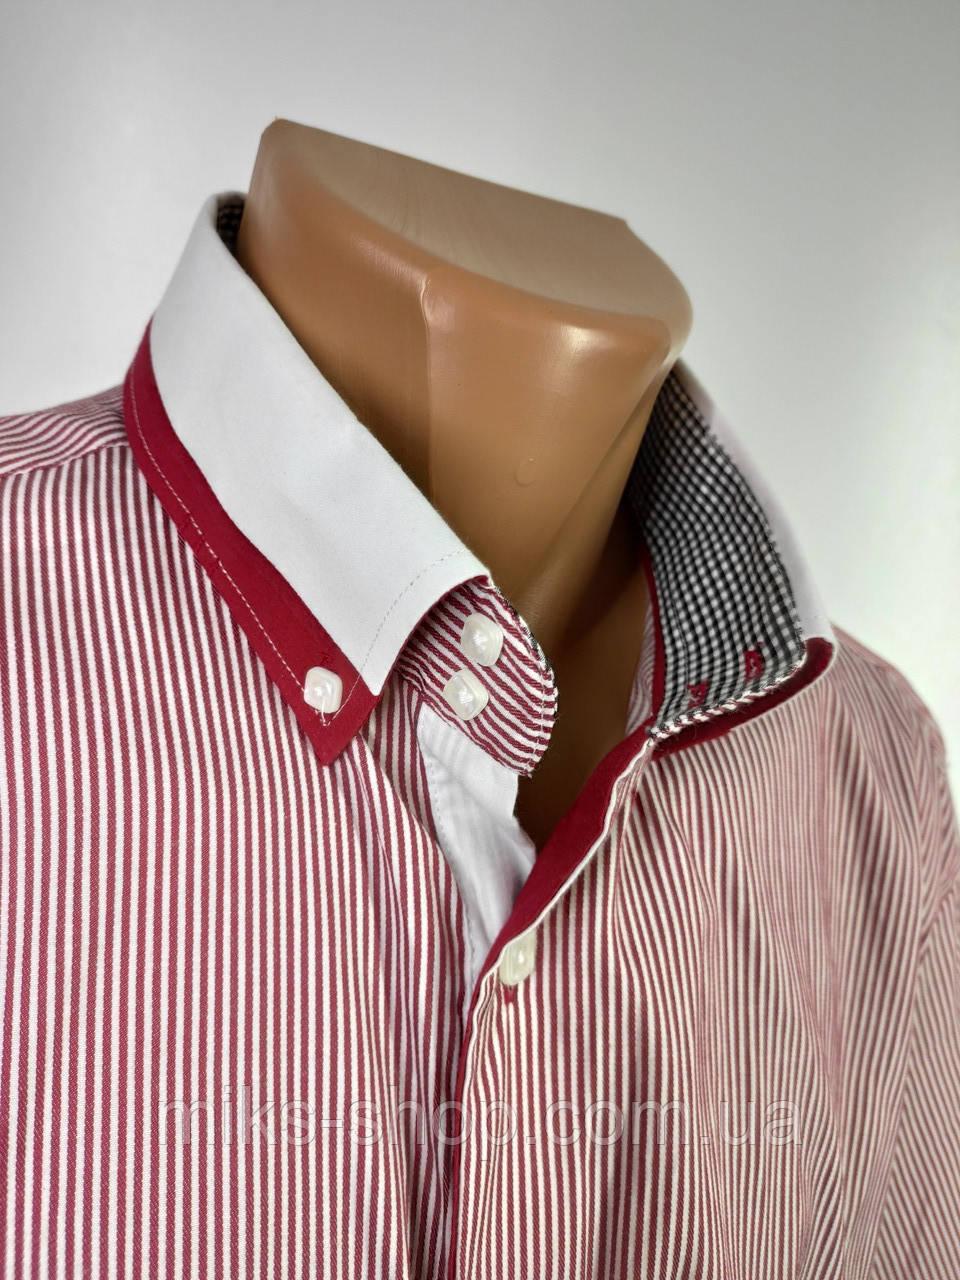 Чоловіча сорочка бренду MODELY COLLECTION Розмір L ( Я-189)